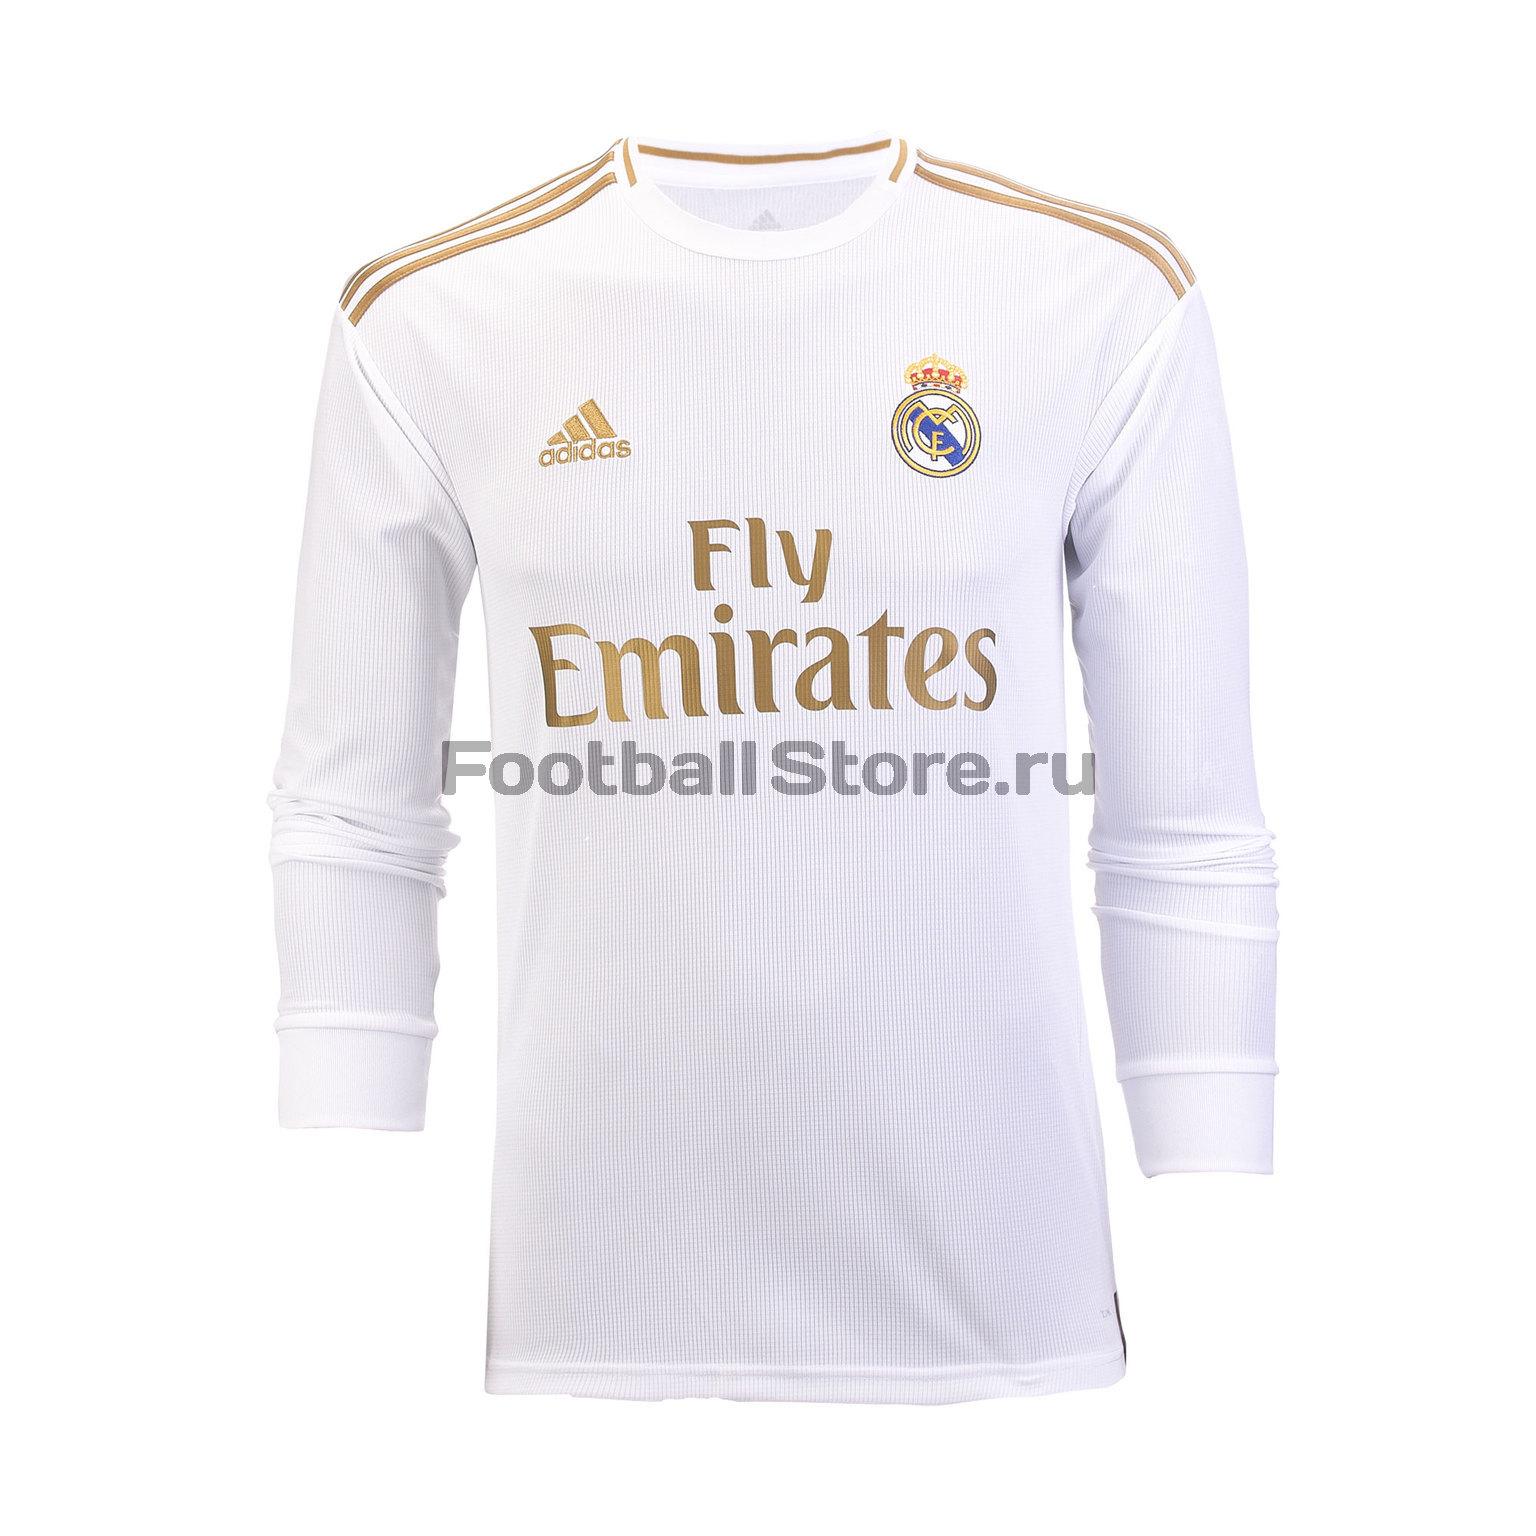 Футболка игровая домашняя Adidas Real Madrid 2019/20 цена